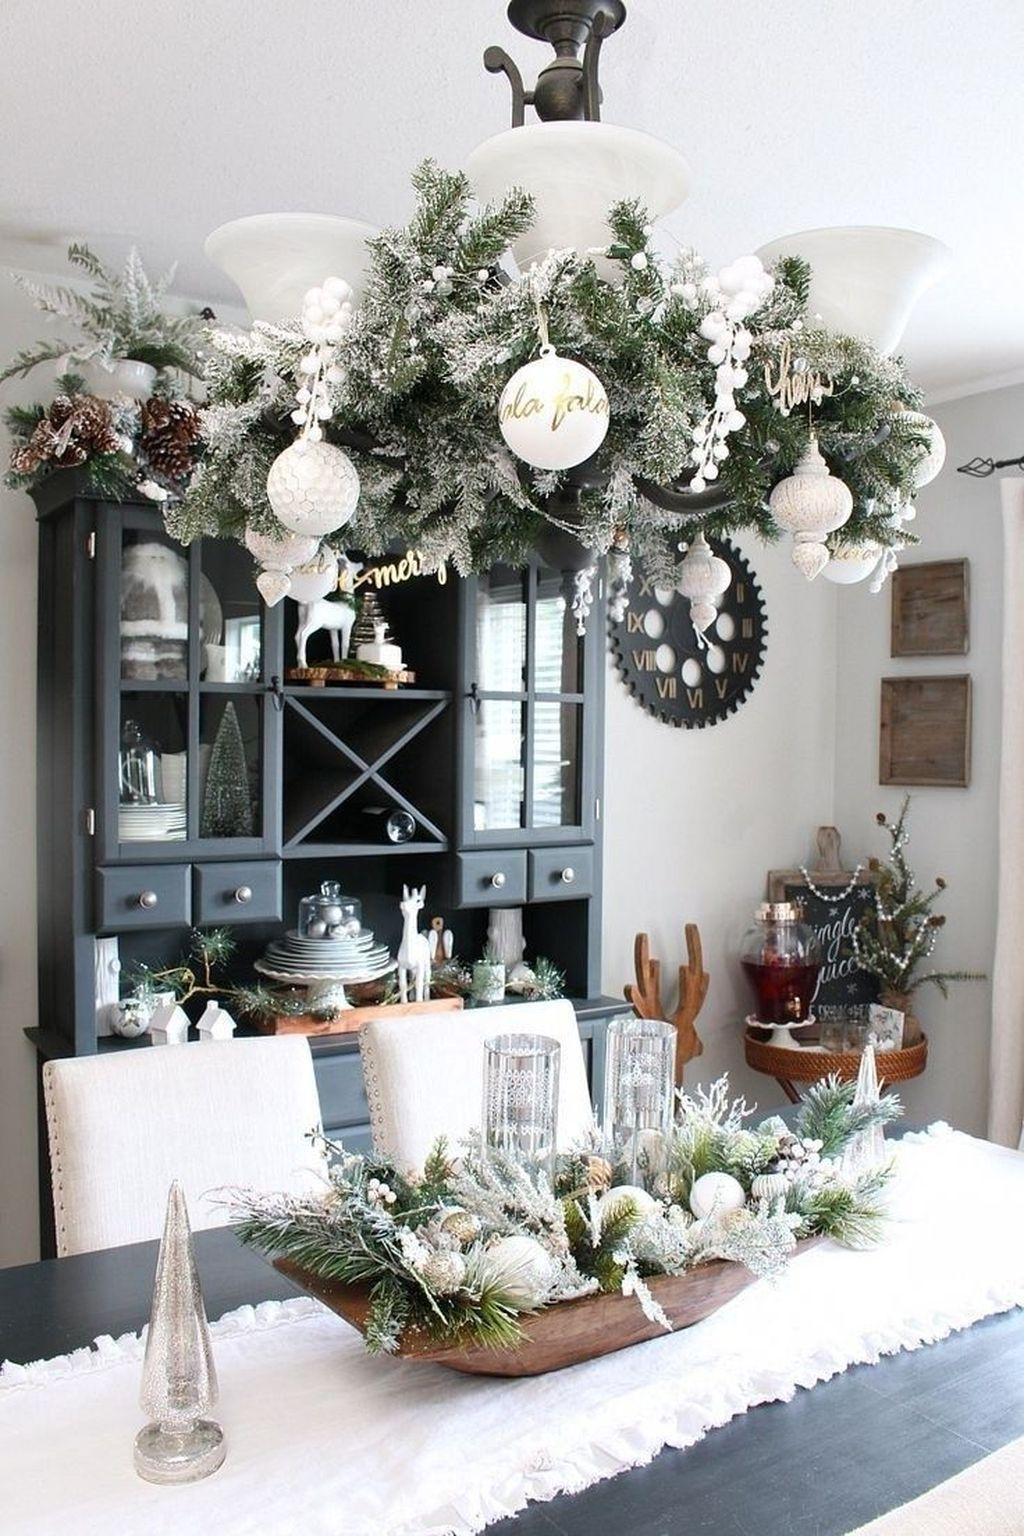 Awesome Christmas Theme Kitchen Decor Ideas 07